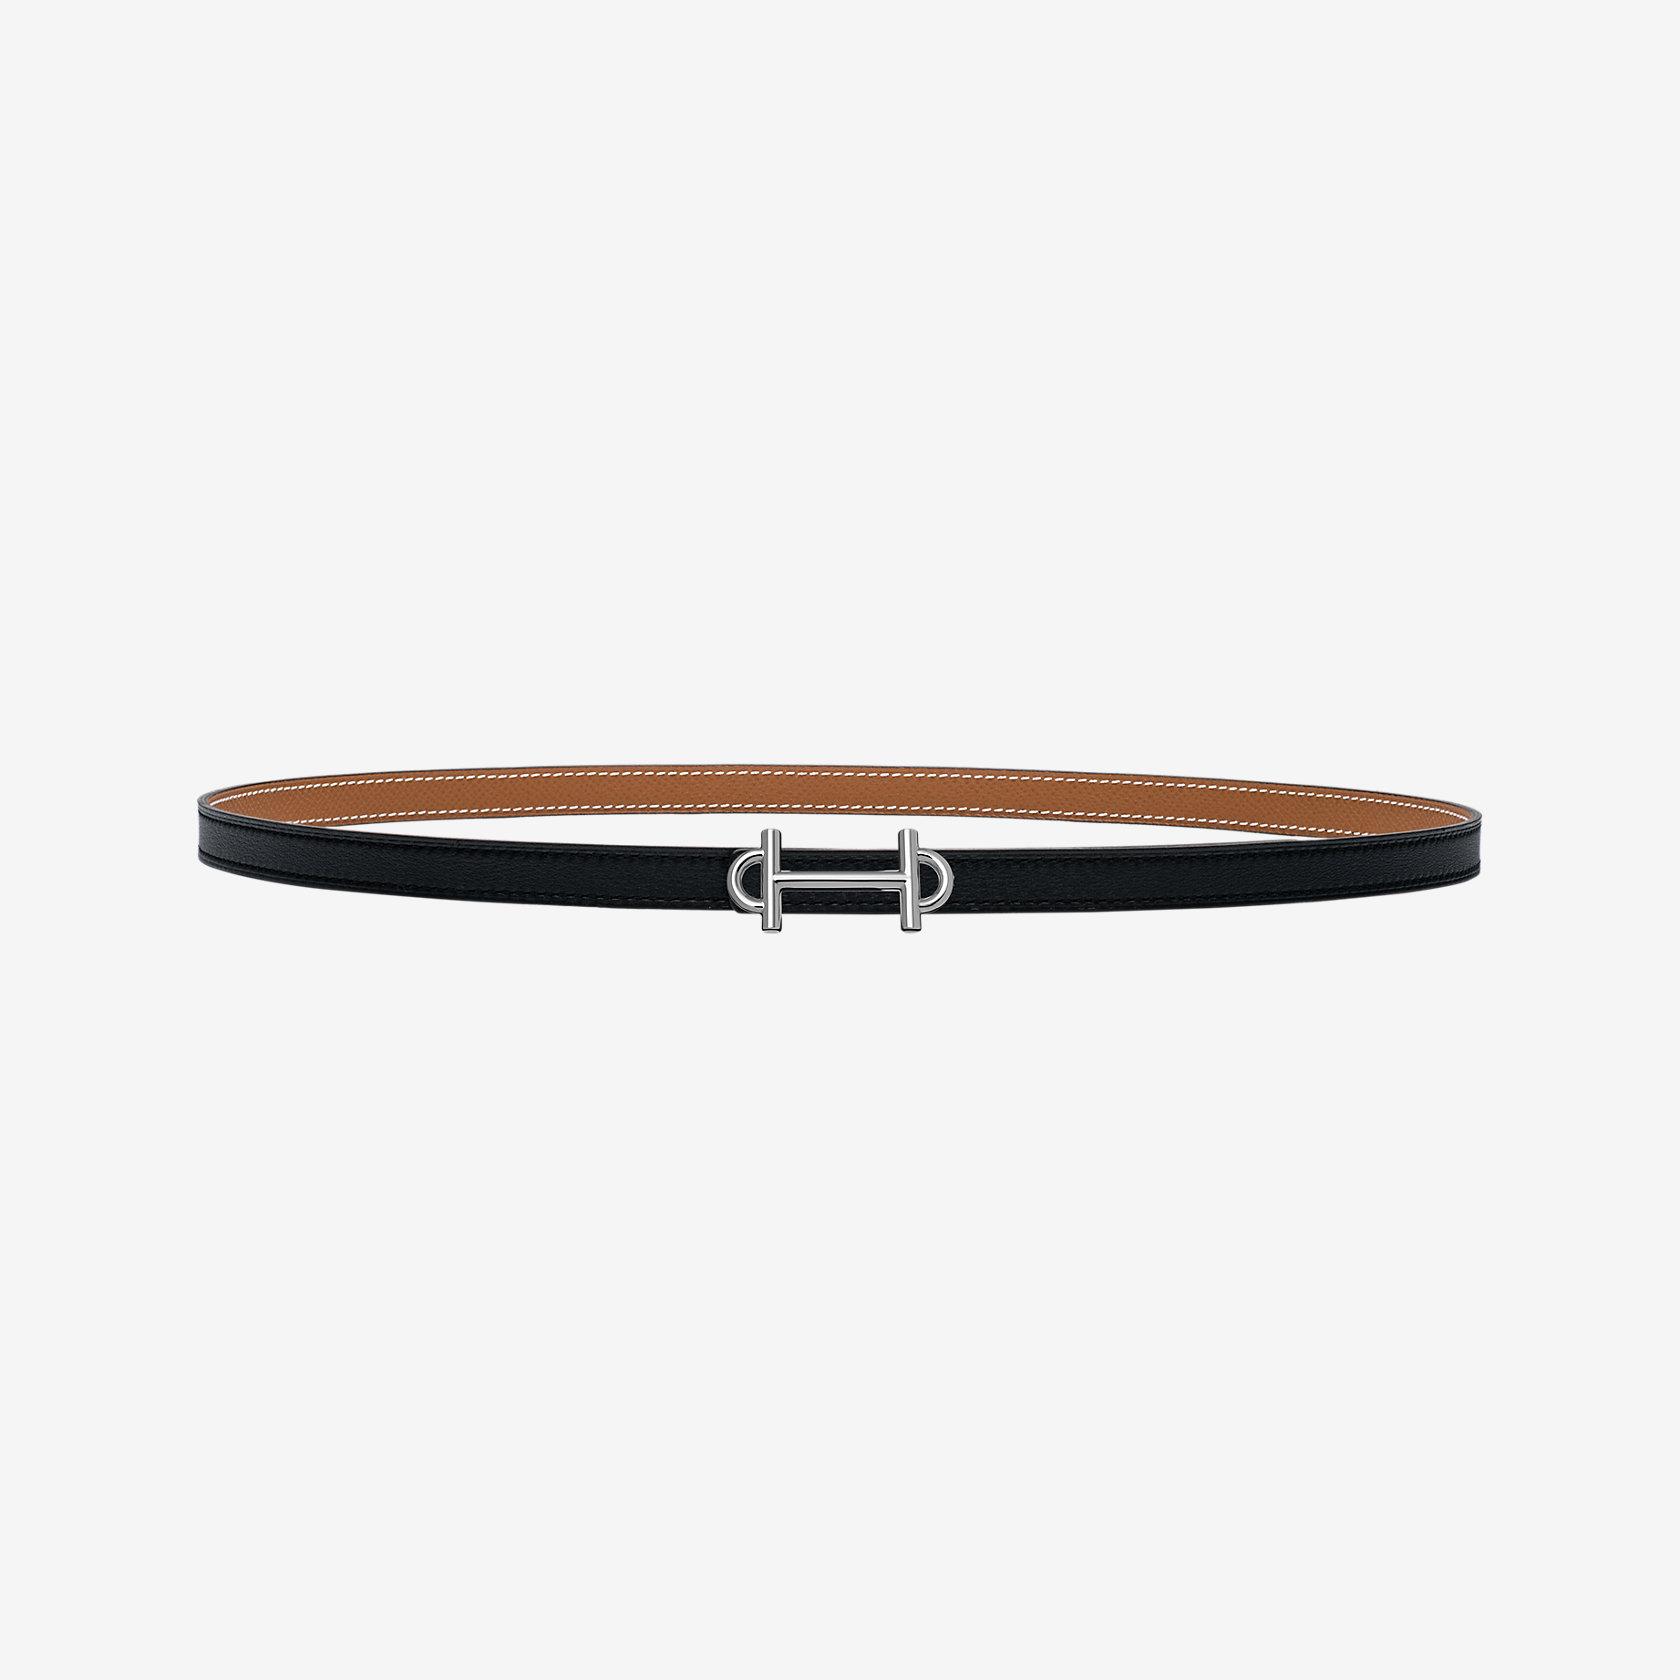 685b84b1c144 Boucle de ceinture Gamma   Cuir de ceinture réversible 13 mm   Hermès